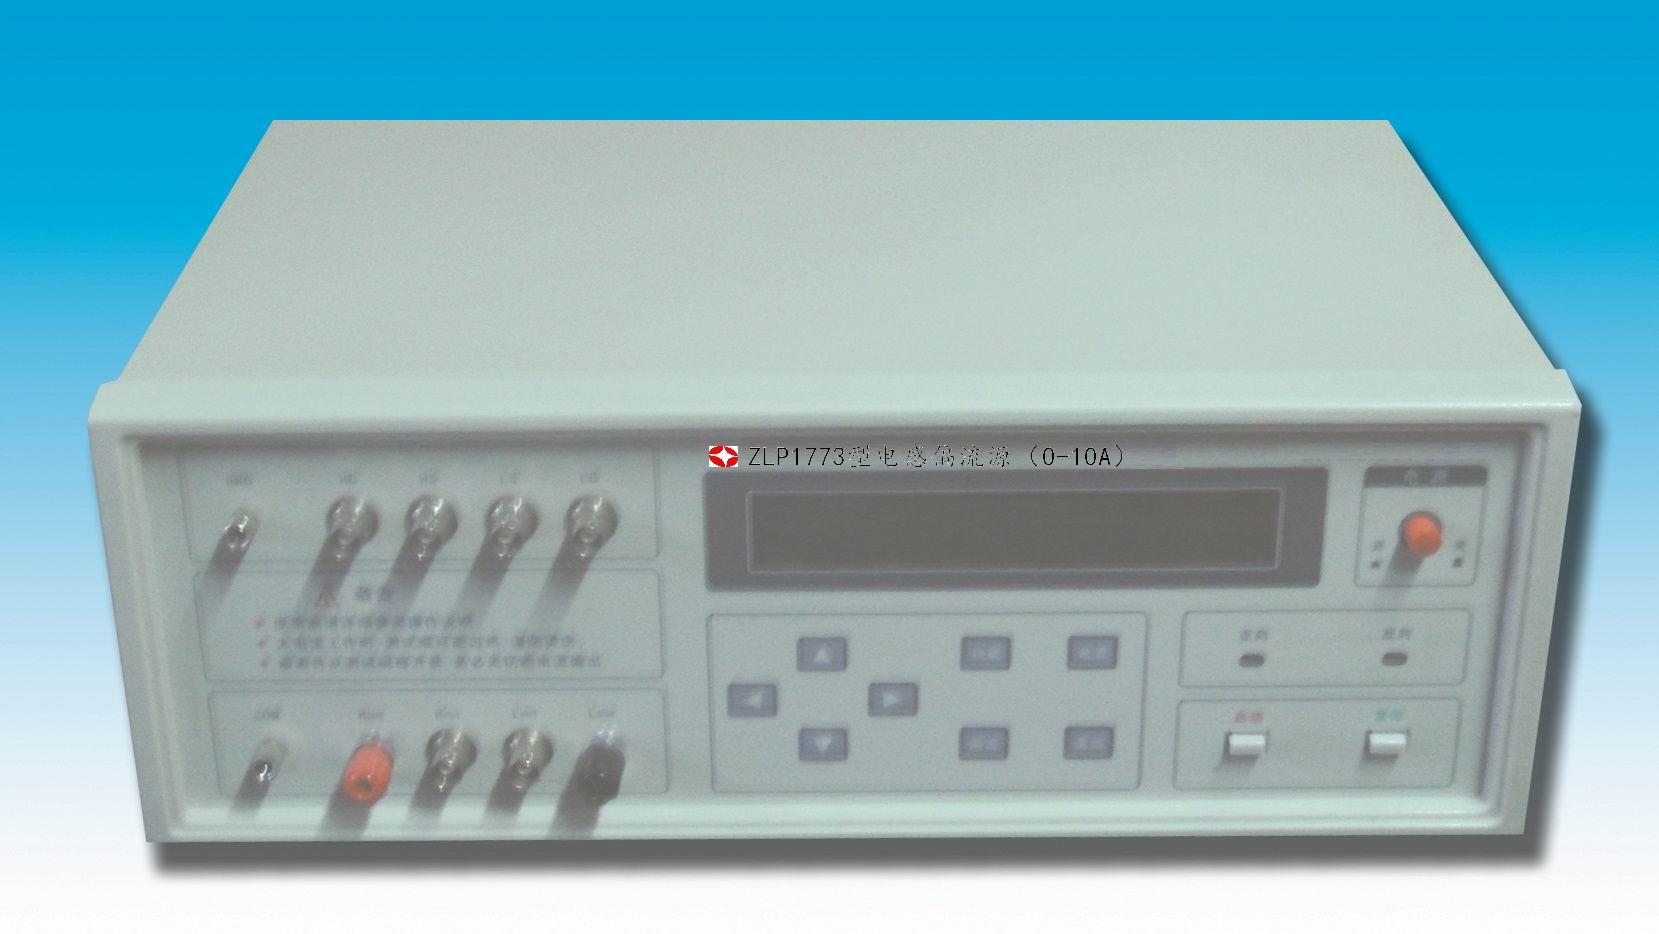 【精华】直流电阻测试仪仪器特点 热敏电阻测试仪恒温箱温度的采集